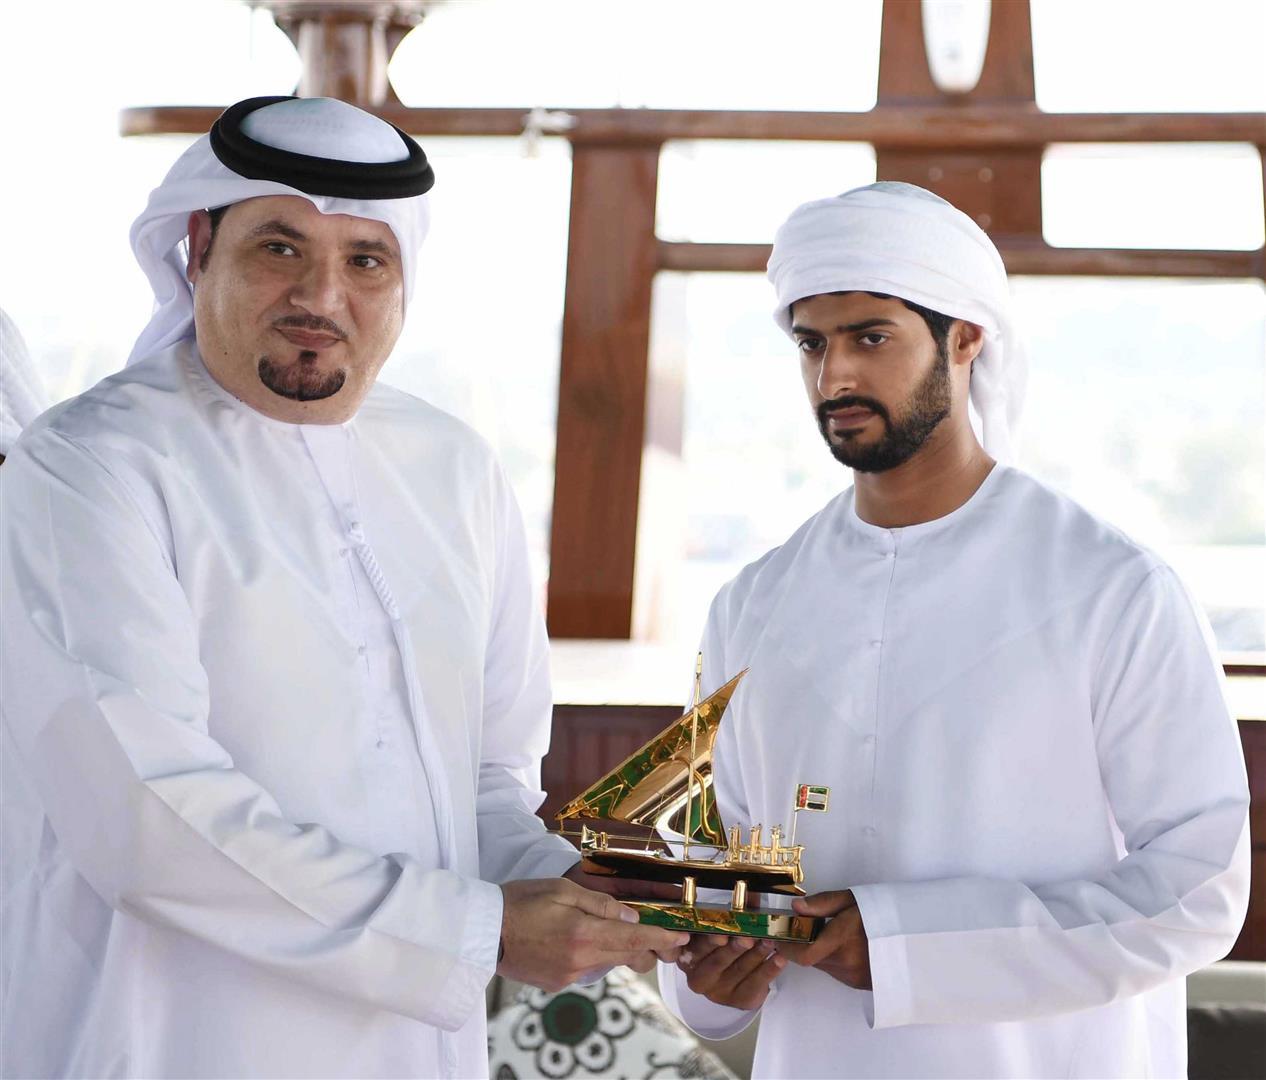 زايد بن حمدان بن زايد يتوج الفائزين في سباق دلما التاريخي للمحامل الشراعية 5